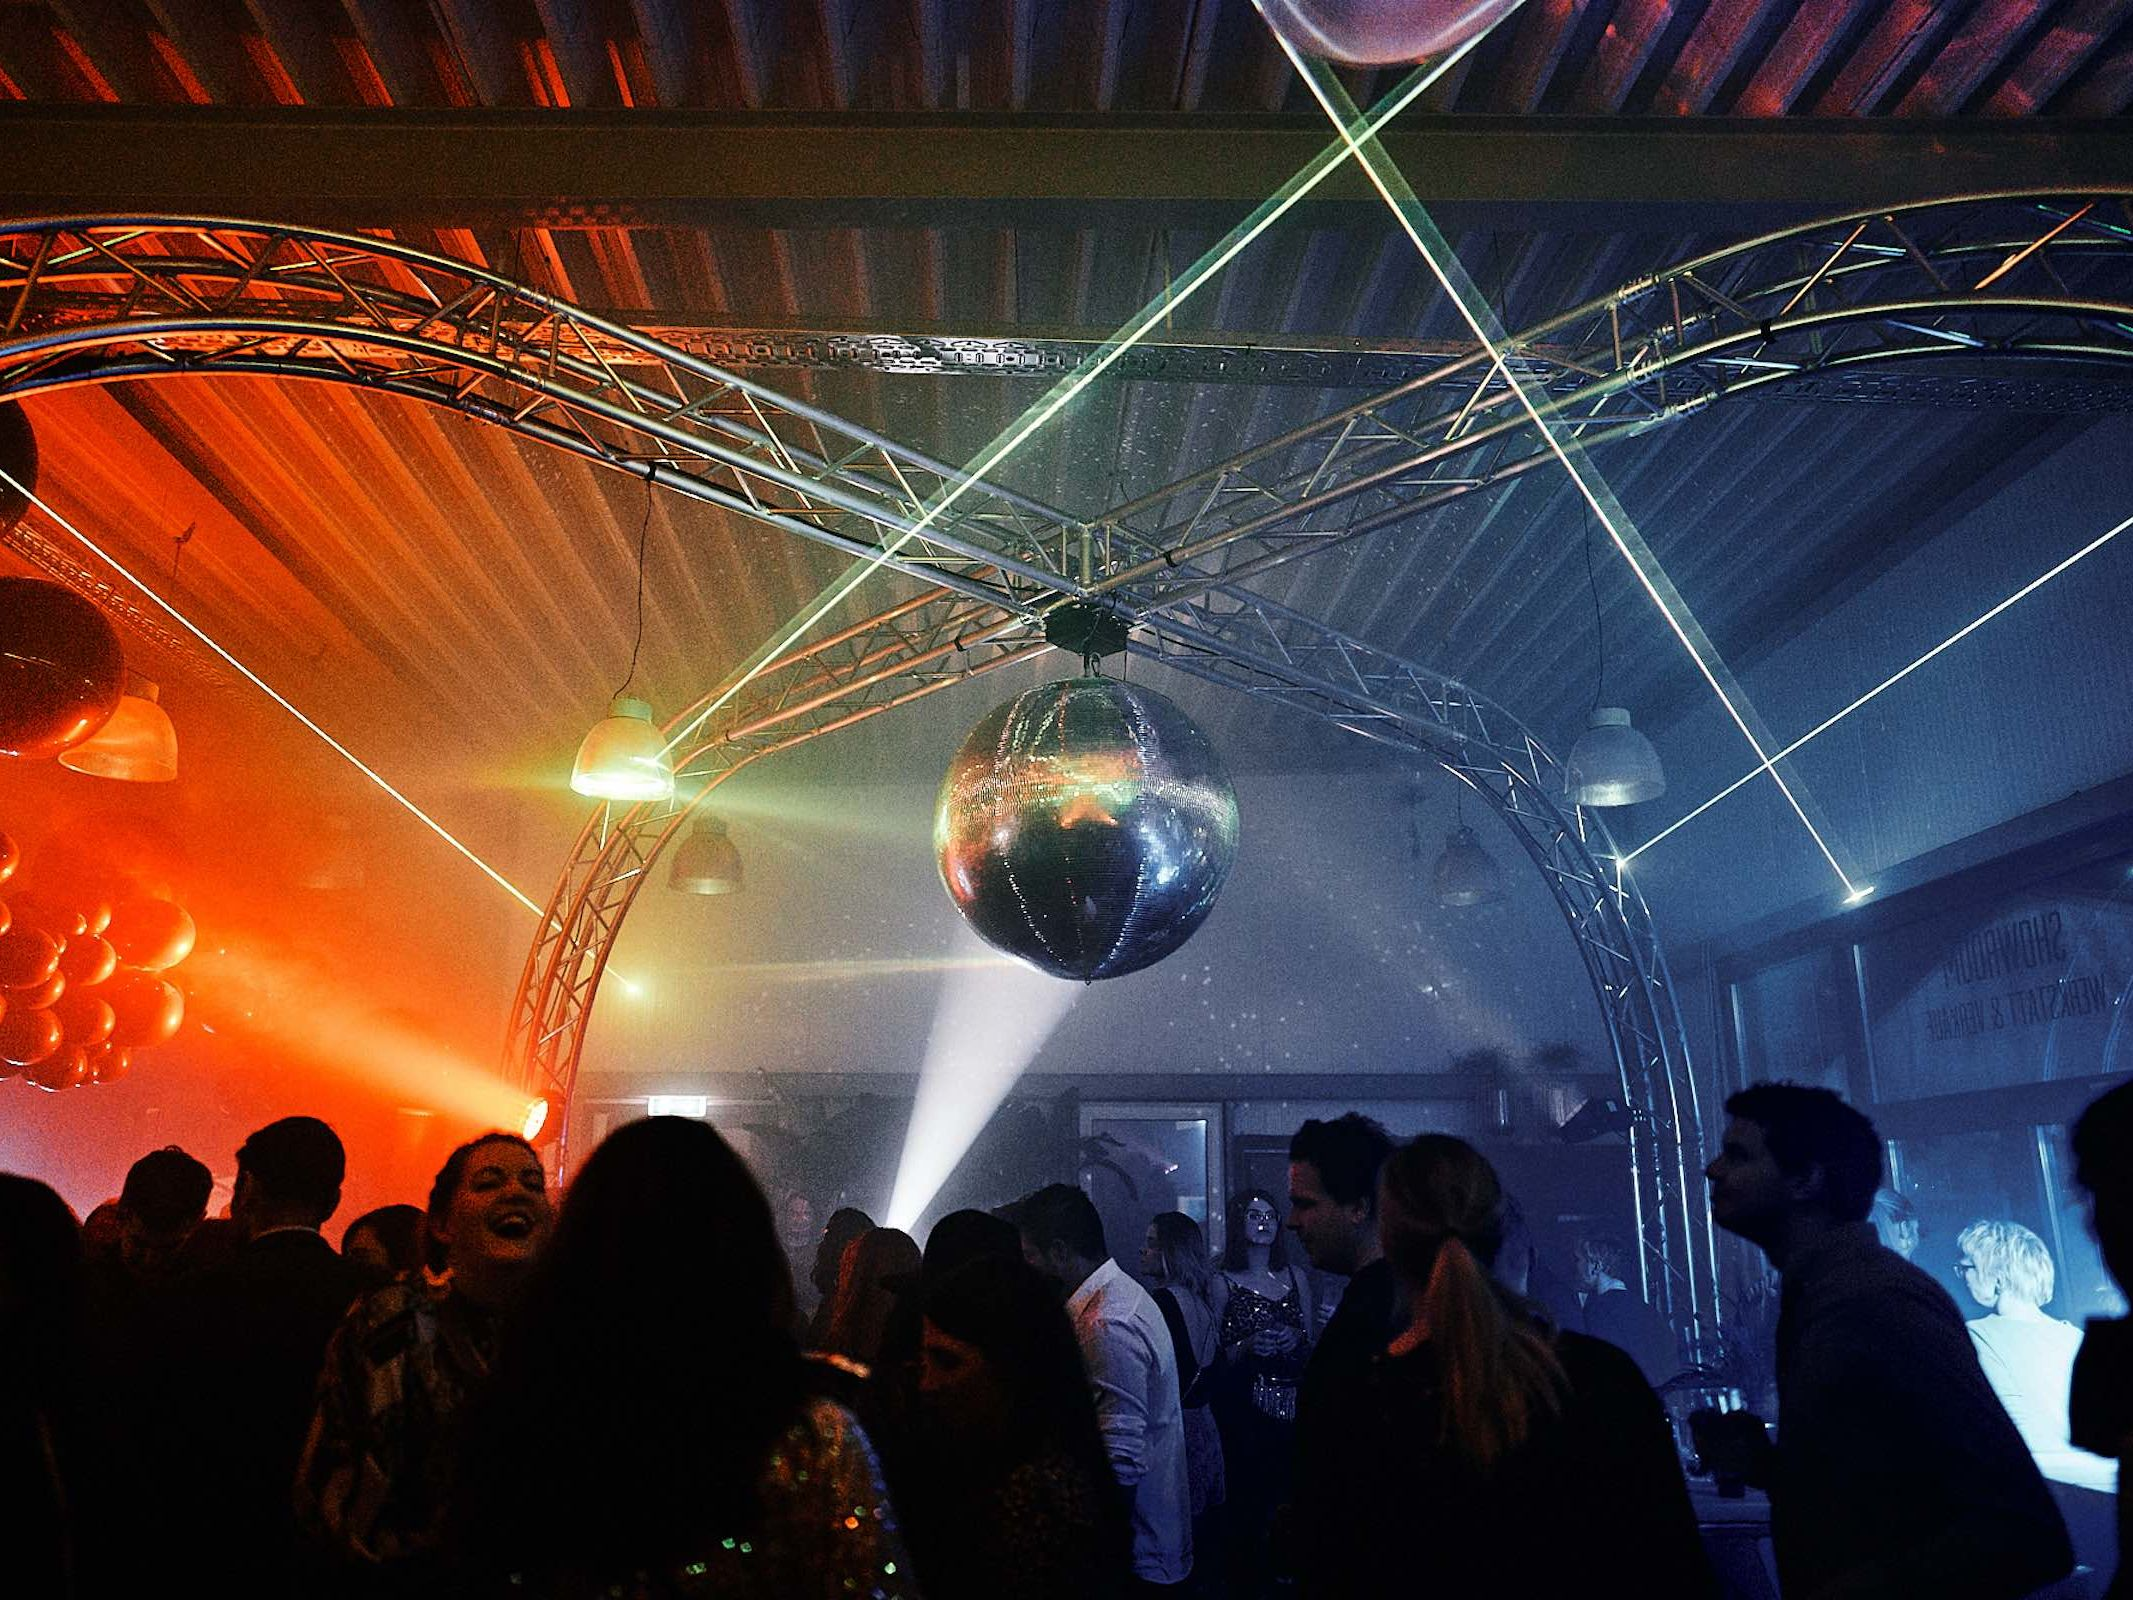 Lasershow | Lichtshow | Beamshow | Laser | Technik | Hochzeit | Event | Lightshow | Indoor | Lichttechnik | Outdoor | Bühnenshow | Präsentation | Event | Business | Buchen | Anfragen | Mieten